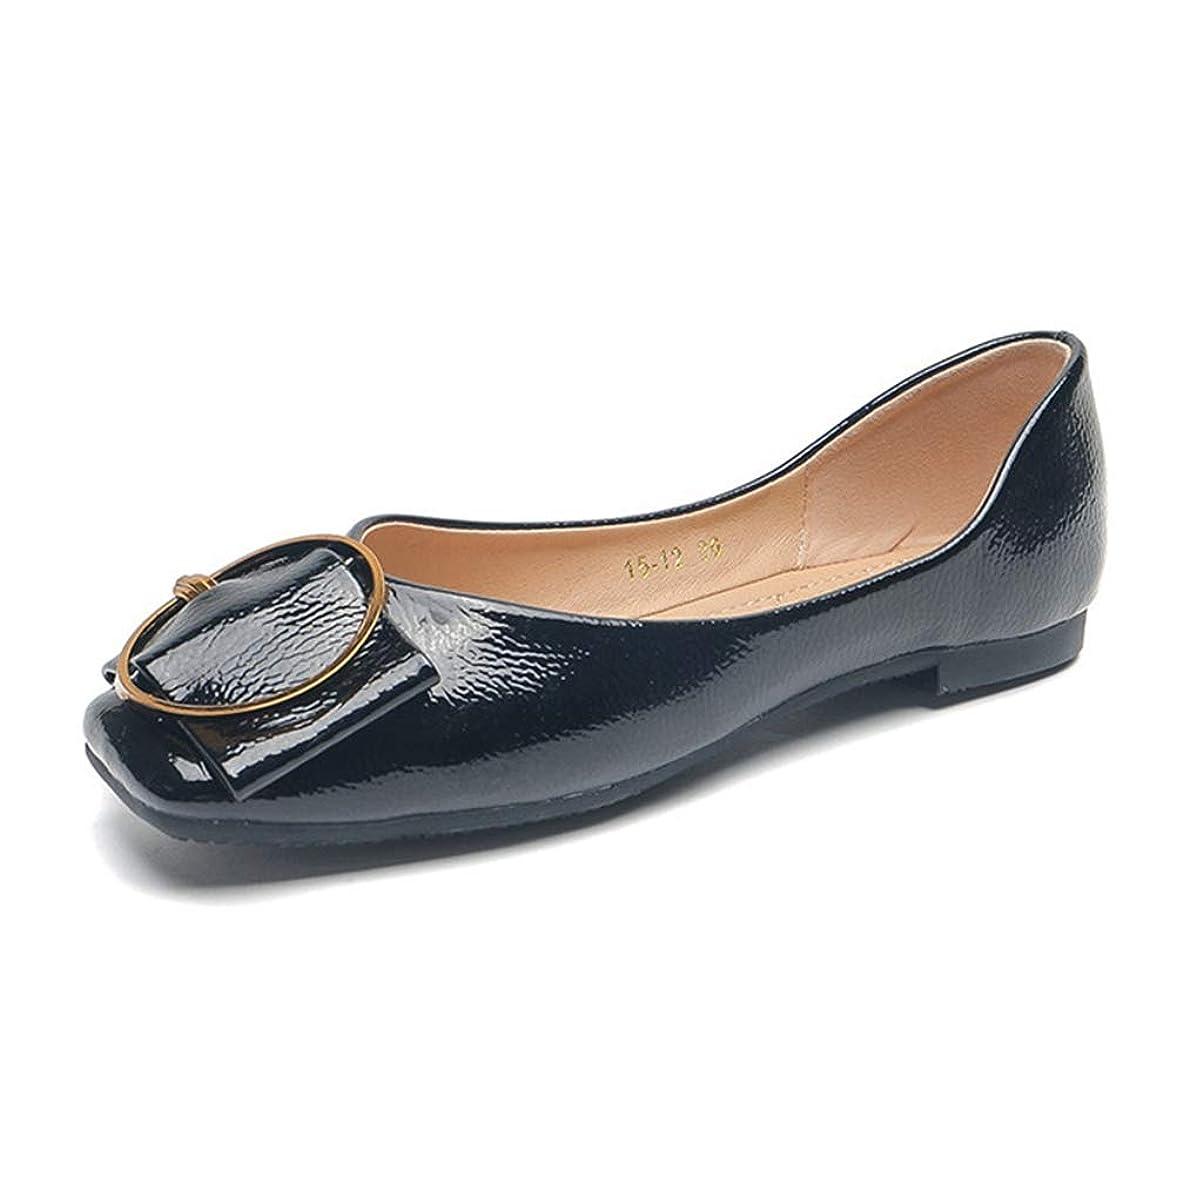 回転する依存するイサカレディース パンプス 婦人靴 滑り止め 軽量 美脚 フラットシューズ 歩きやすい 疲れにくい 柔らかい ぺたんこ スリッポン カジュアル 通勤 お出かけ 二次会 スクエアトゥ 無地 ブラック ベージュ 22.5-25.0CM